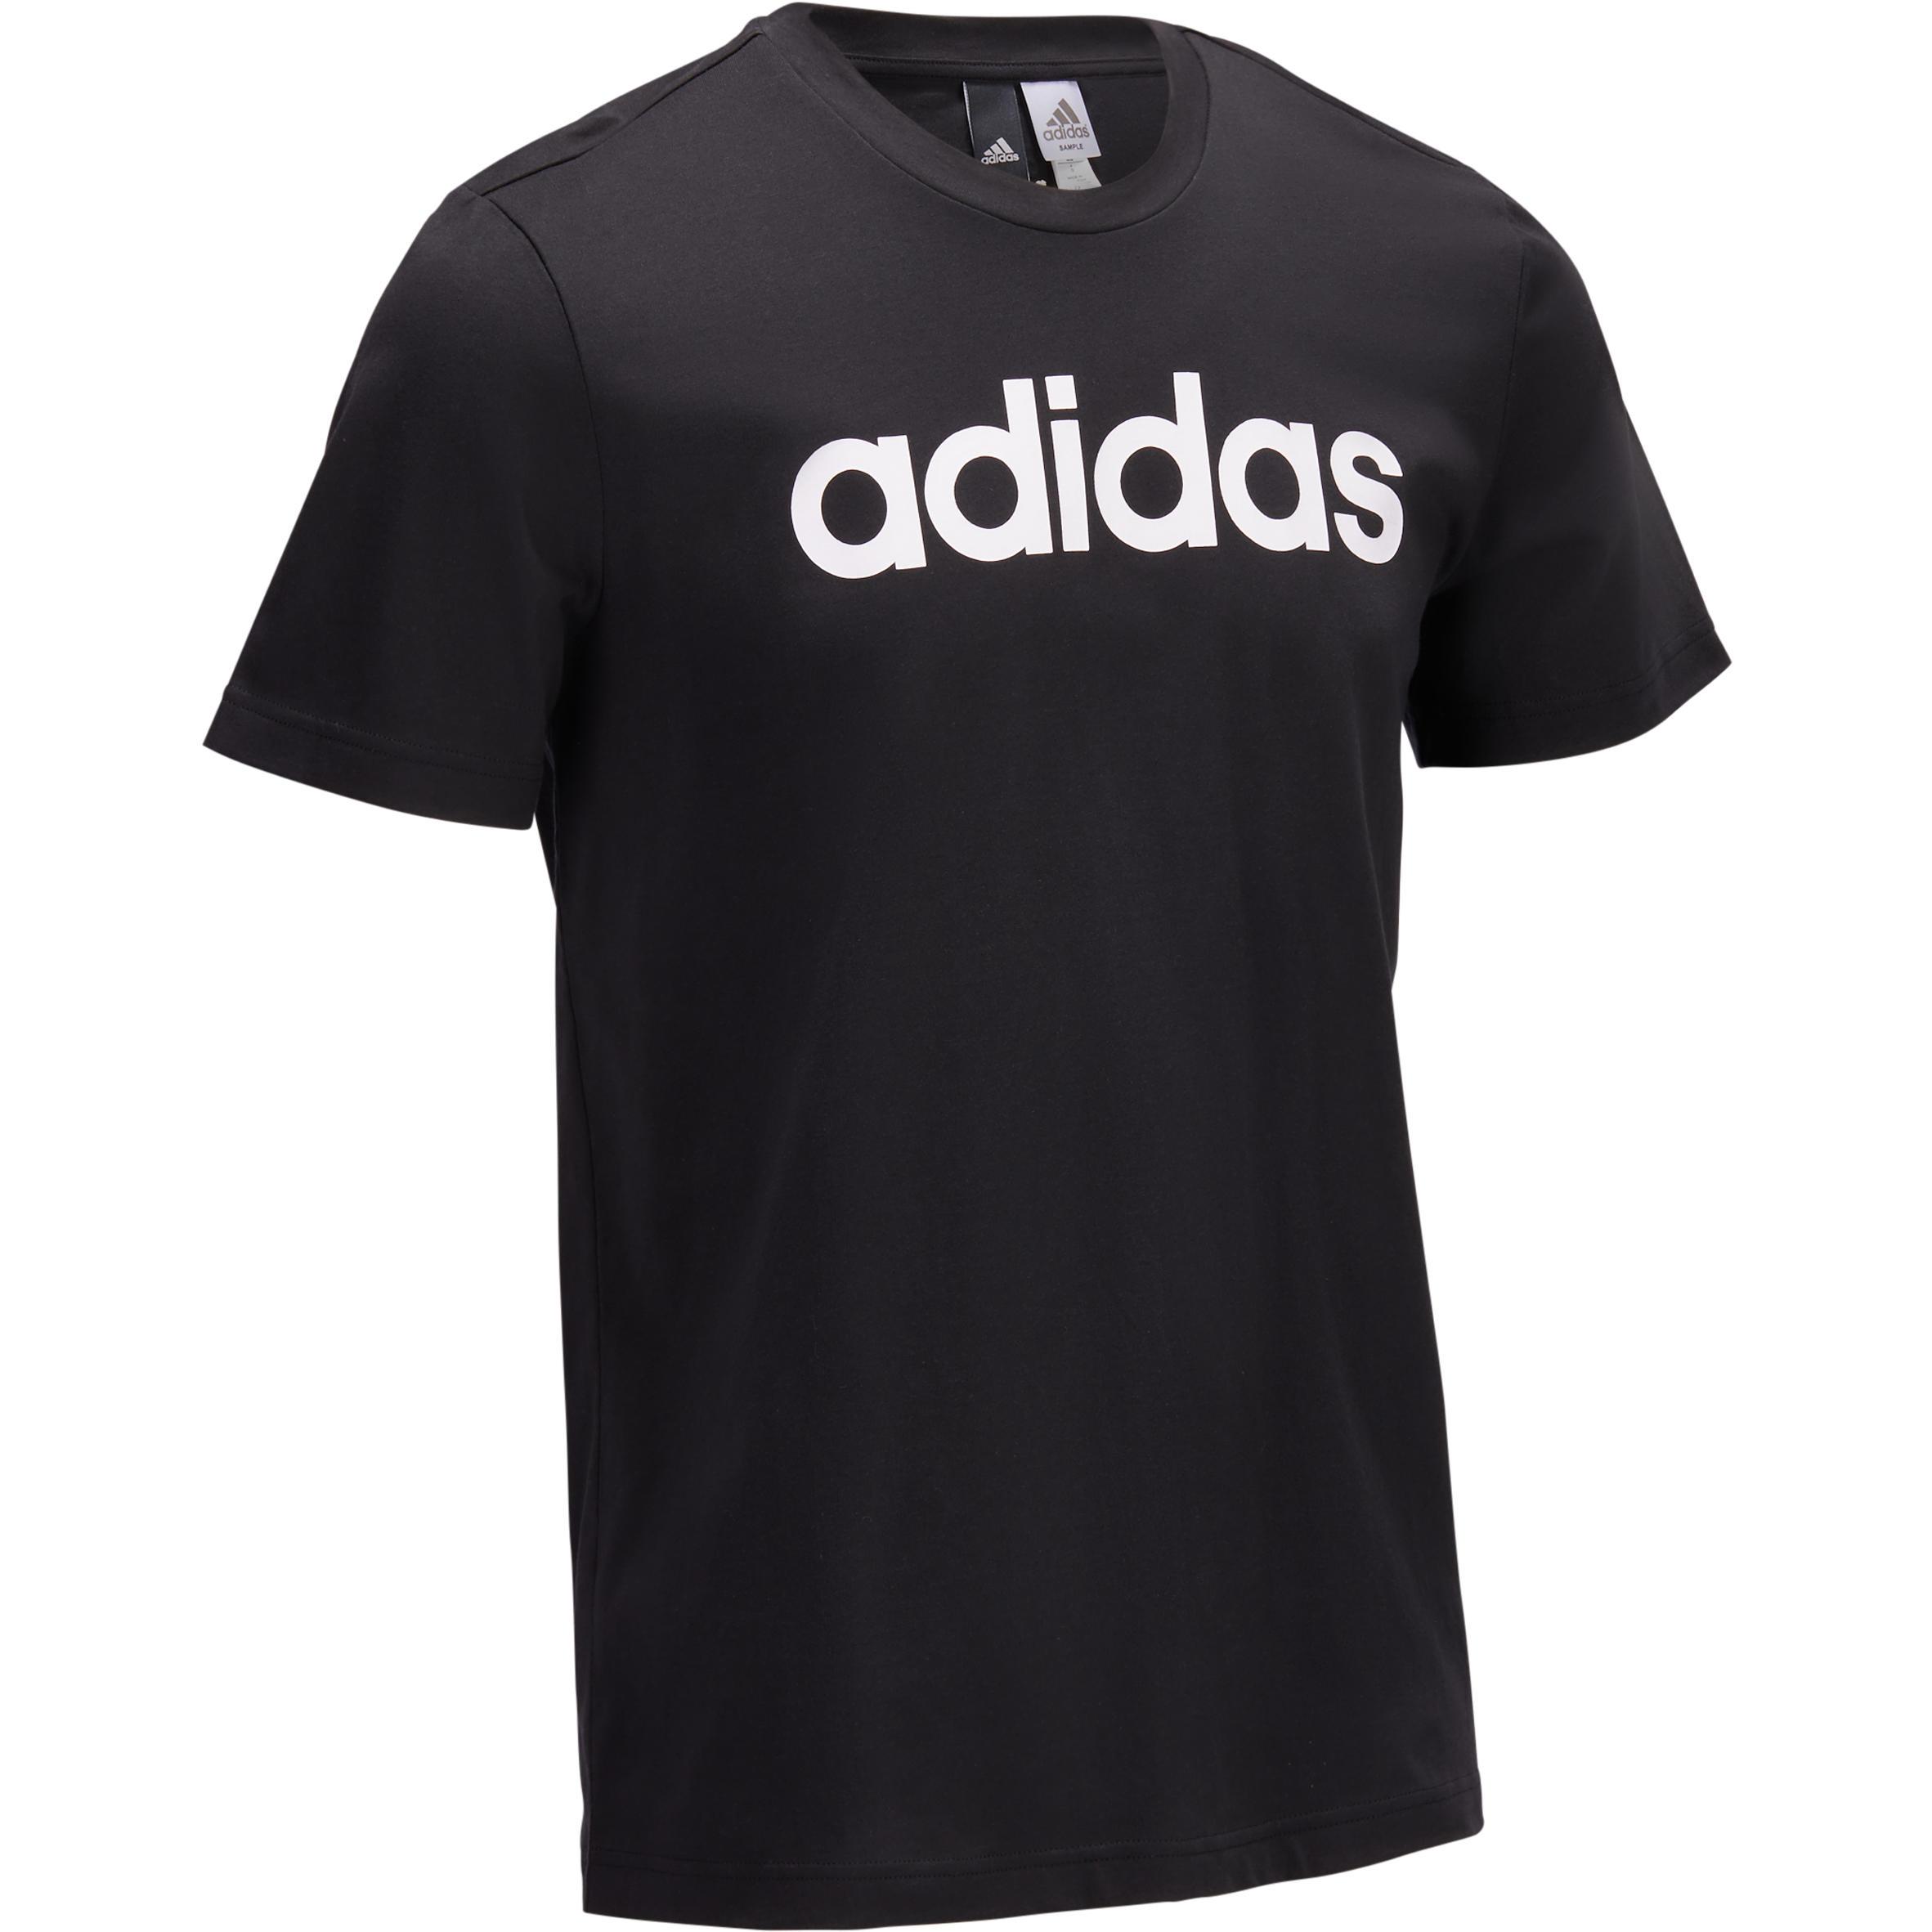 Adidas Heren T-shirt Adidas voor gym en pilates zwart